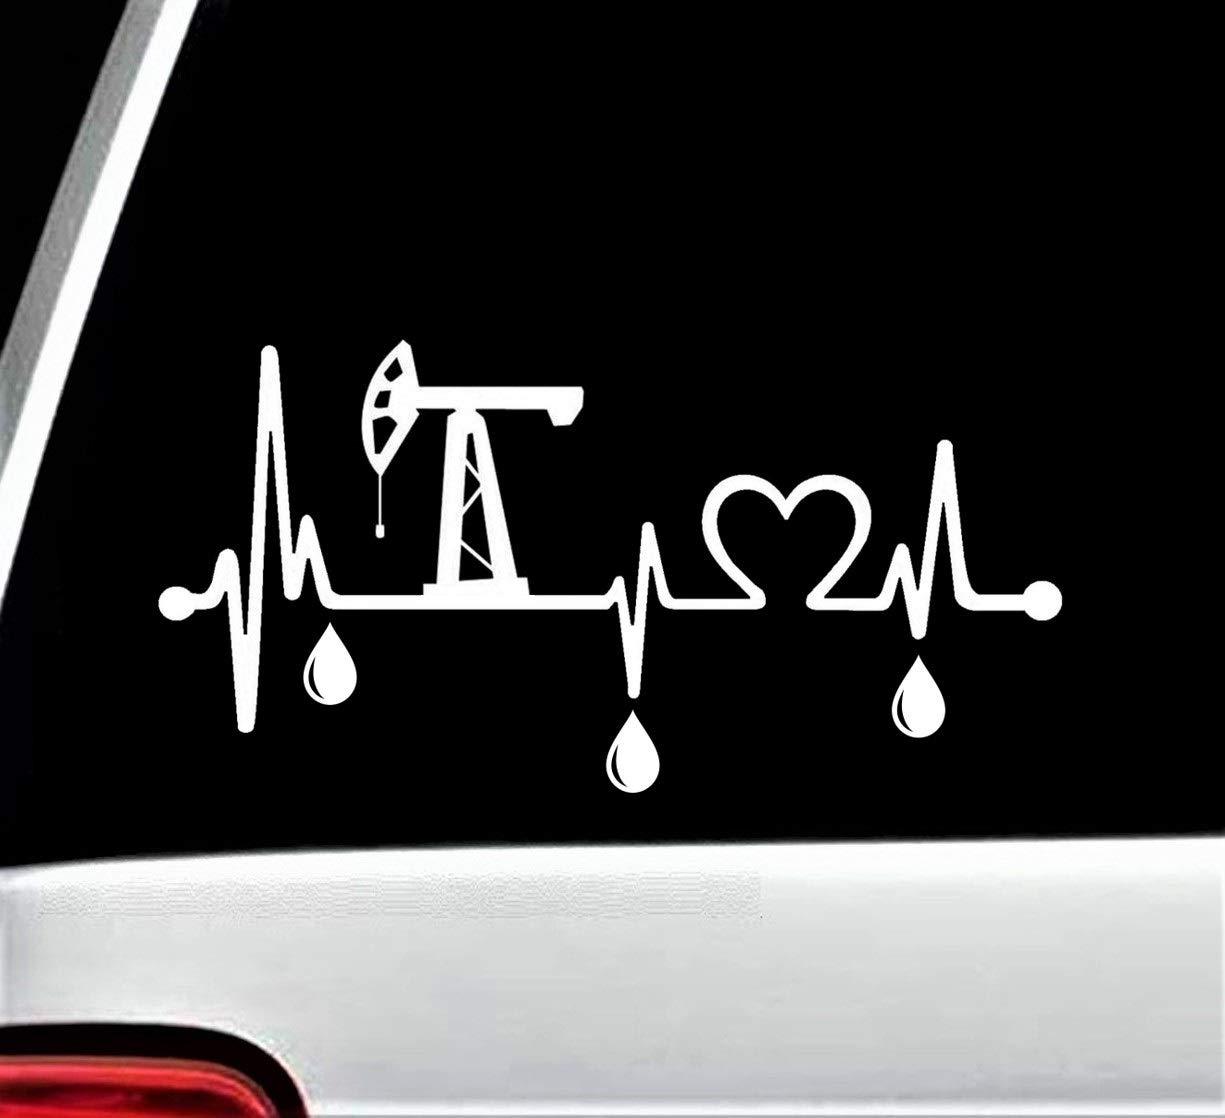 Oilfield Pumpjack Oil Drops Heartbeat Lifeline Decal Sticker for Car Window 8.0 Inch BG 228